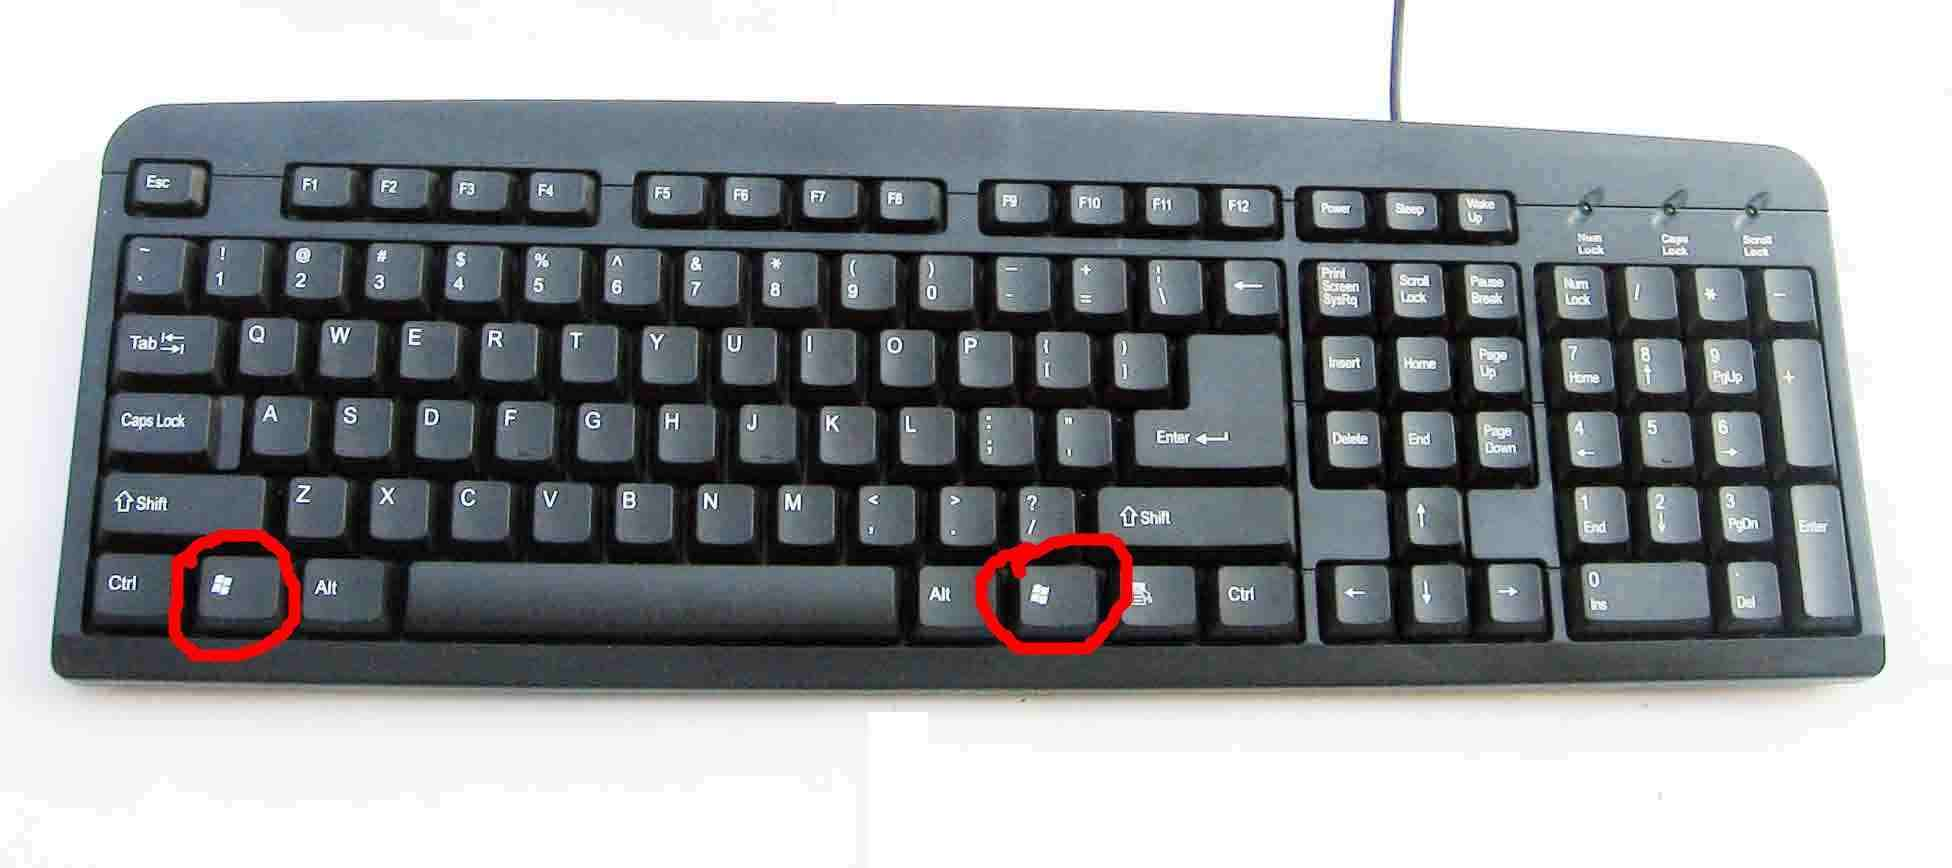 笔记本和台式机的键盘略有不台,不过大体上查看那个是开始键方法却是一样的,和台式键盘一样,都是空格键左边Alt键的左侧。不过笔记本键盘一般来说都是只有一个开始键的,一般在Ctrl右边笔记本功能键的右边。 如下图所示,大家可以很清楚的看到开始键的所在位置,双击可以最大程度的打开图片查看。  (图2-1笔记本键盘中的开始键位置 双击可最大化打开图片) 因为各品牌笔记本电脑,笔记本各功能键的位置可能也略有小小区别,但是大家只要认准了开始键的图标,都是可以很轻而易举的找到笔记本键盘中的开始键位置的。  (图2-2笔